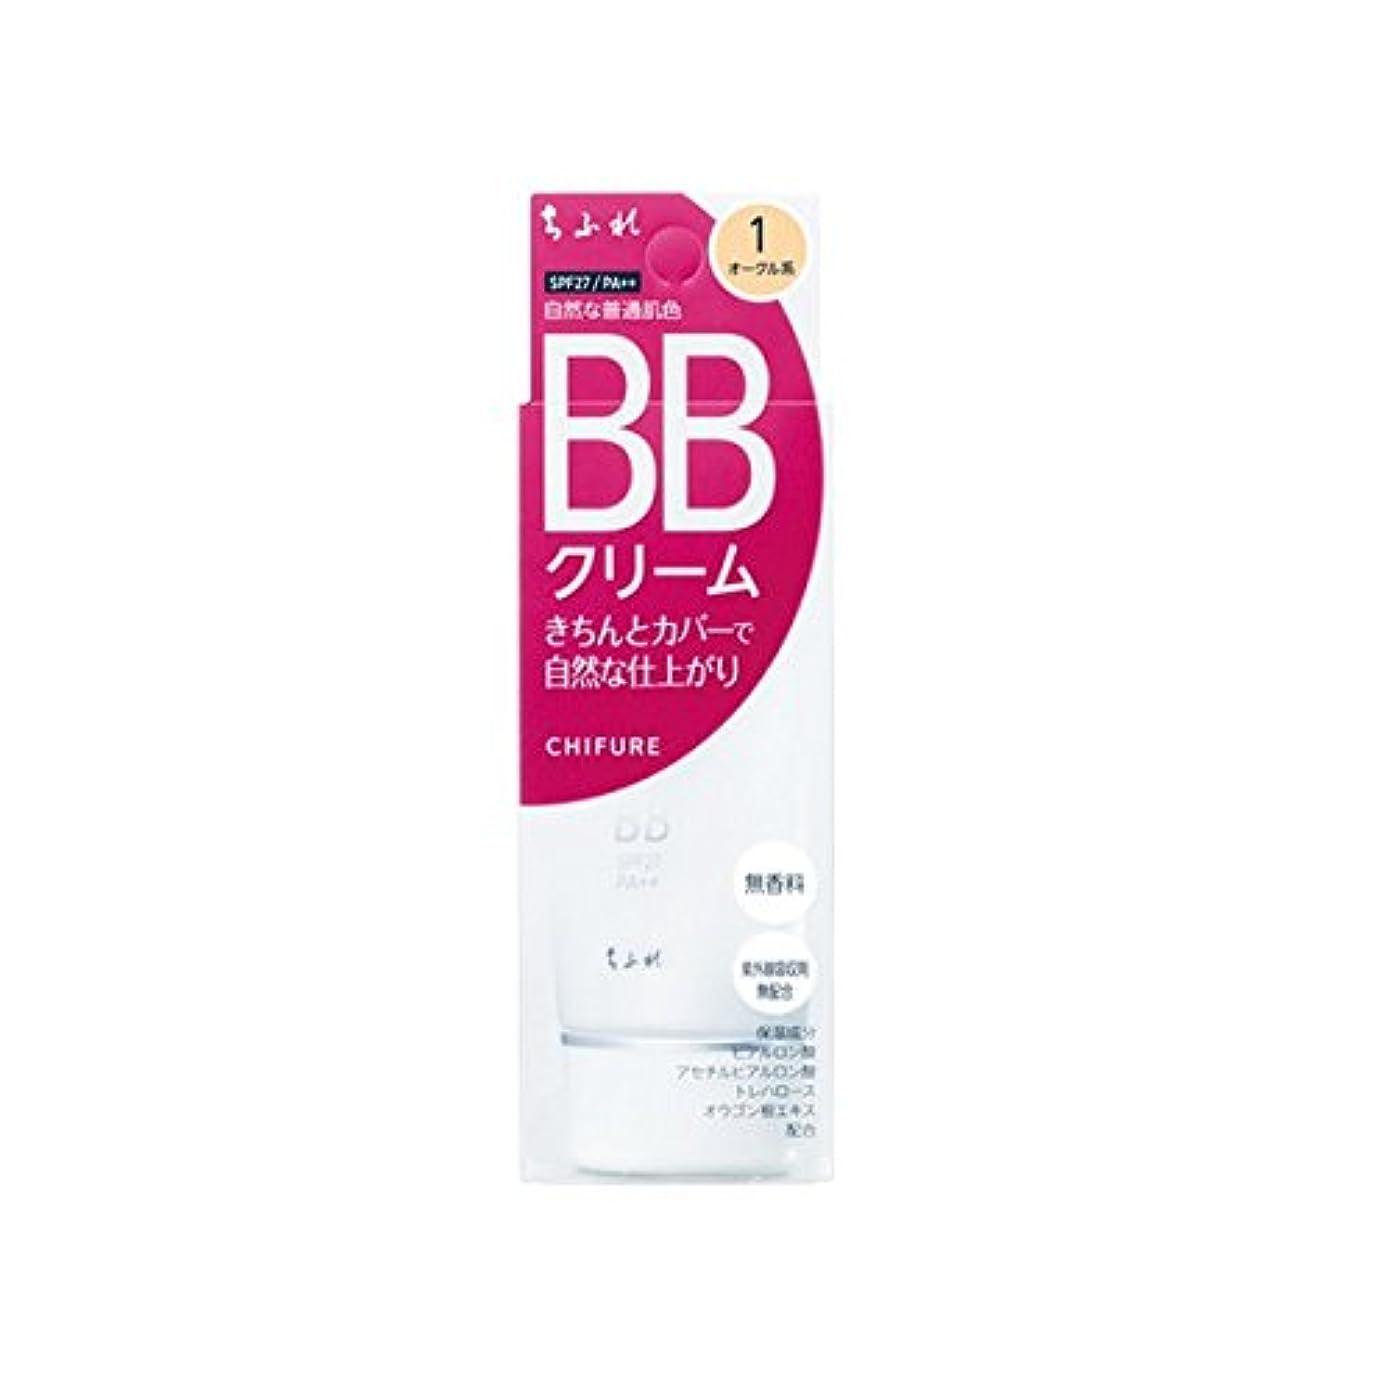 明らかに急降下ユーザーちふれ化粧品 BB クリーム 1 自然な普通肌色 BBクリーム 1